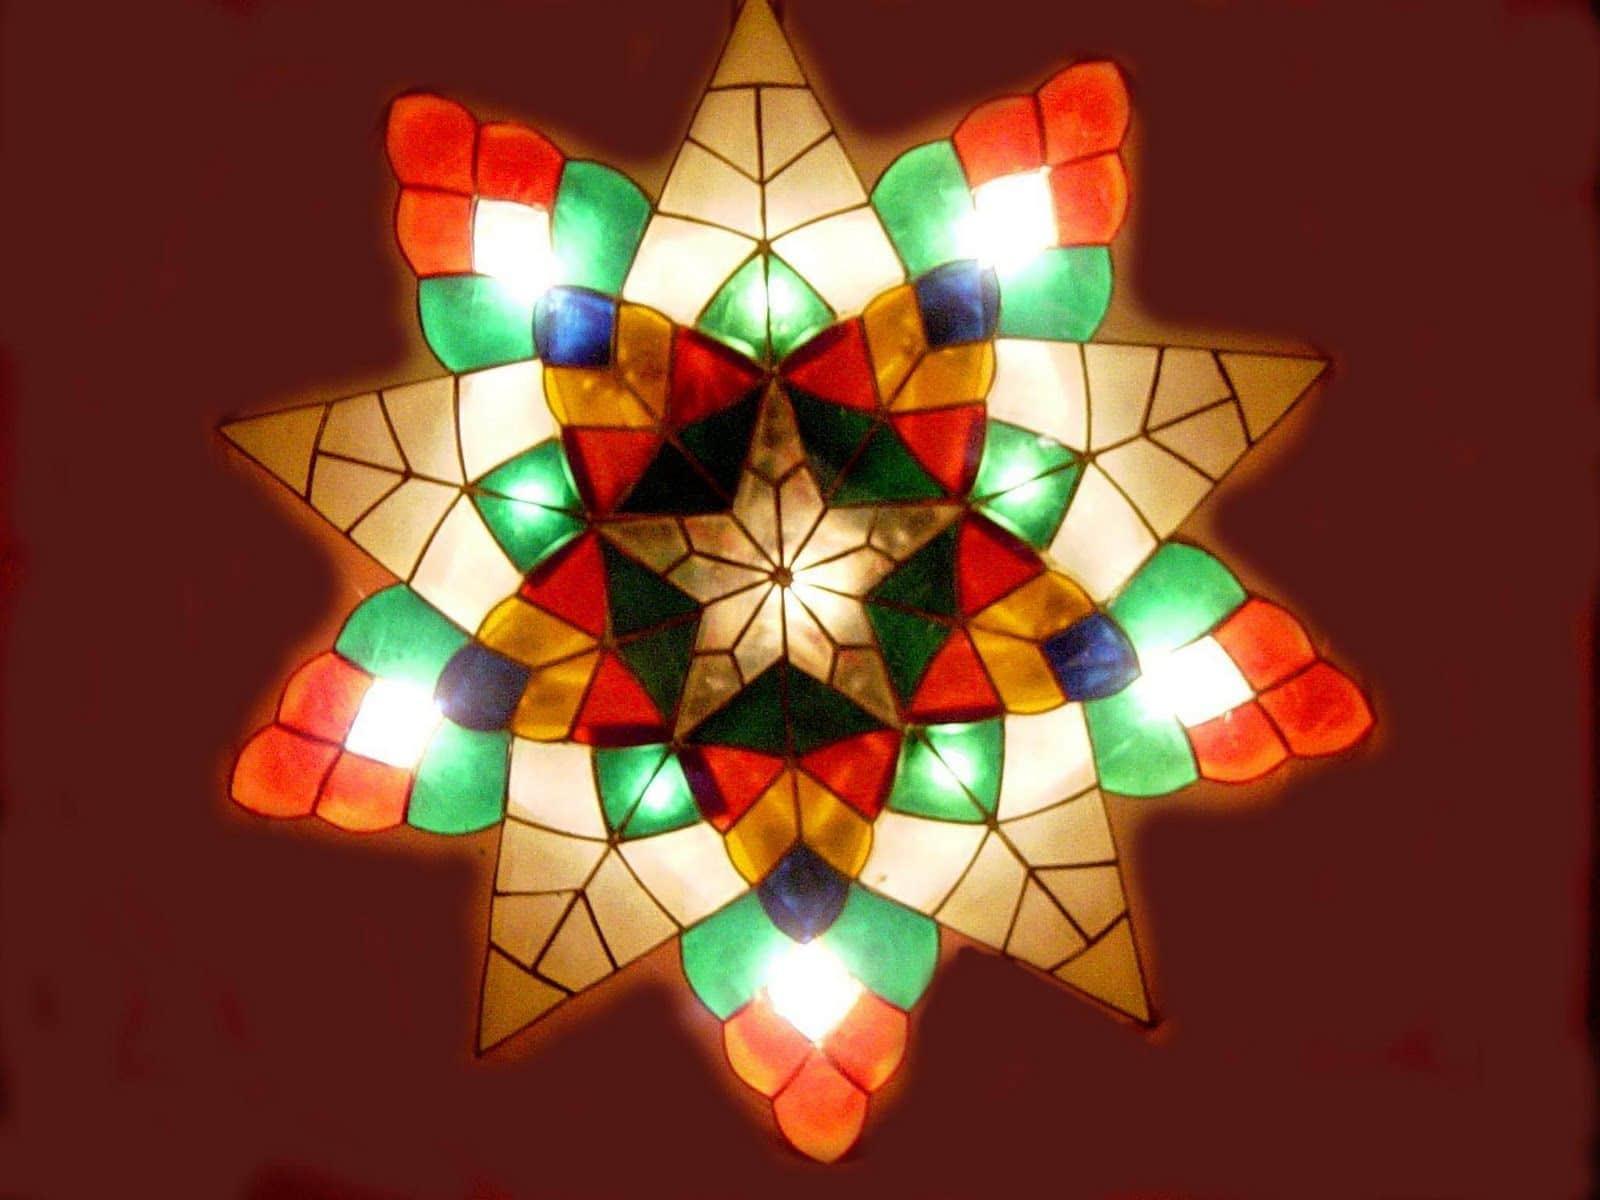 Pah role philippine, l'étoile traditionnelle de Noël de l'archipel asiatique.